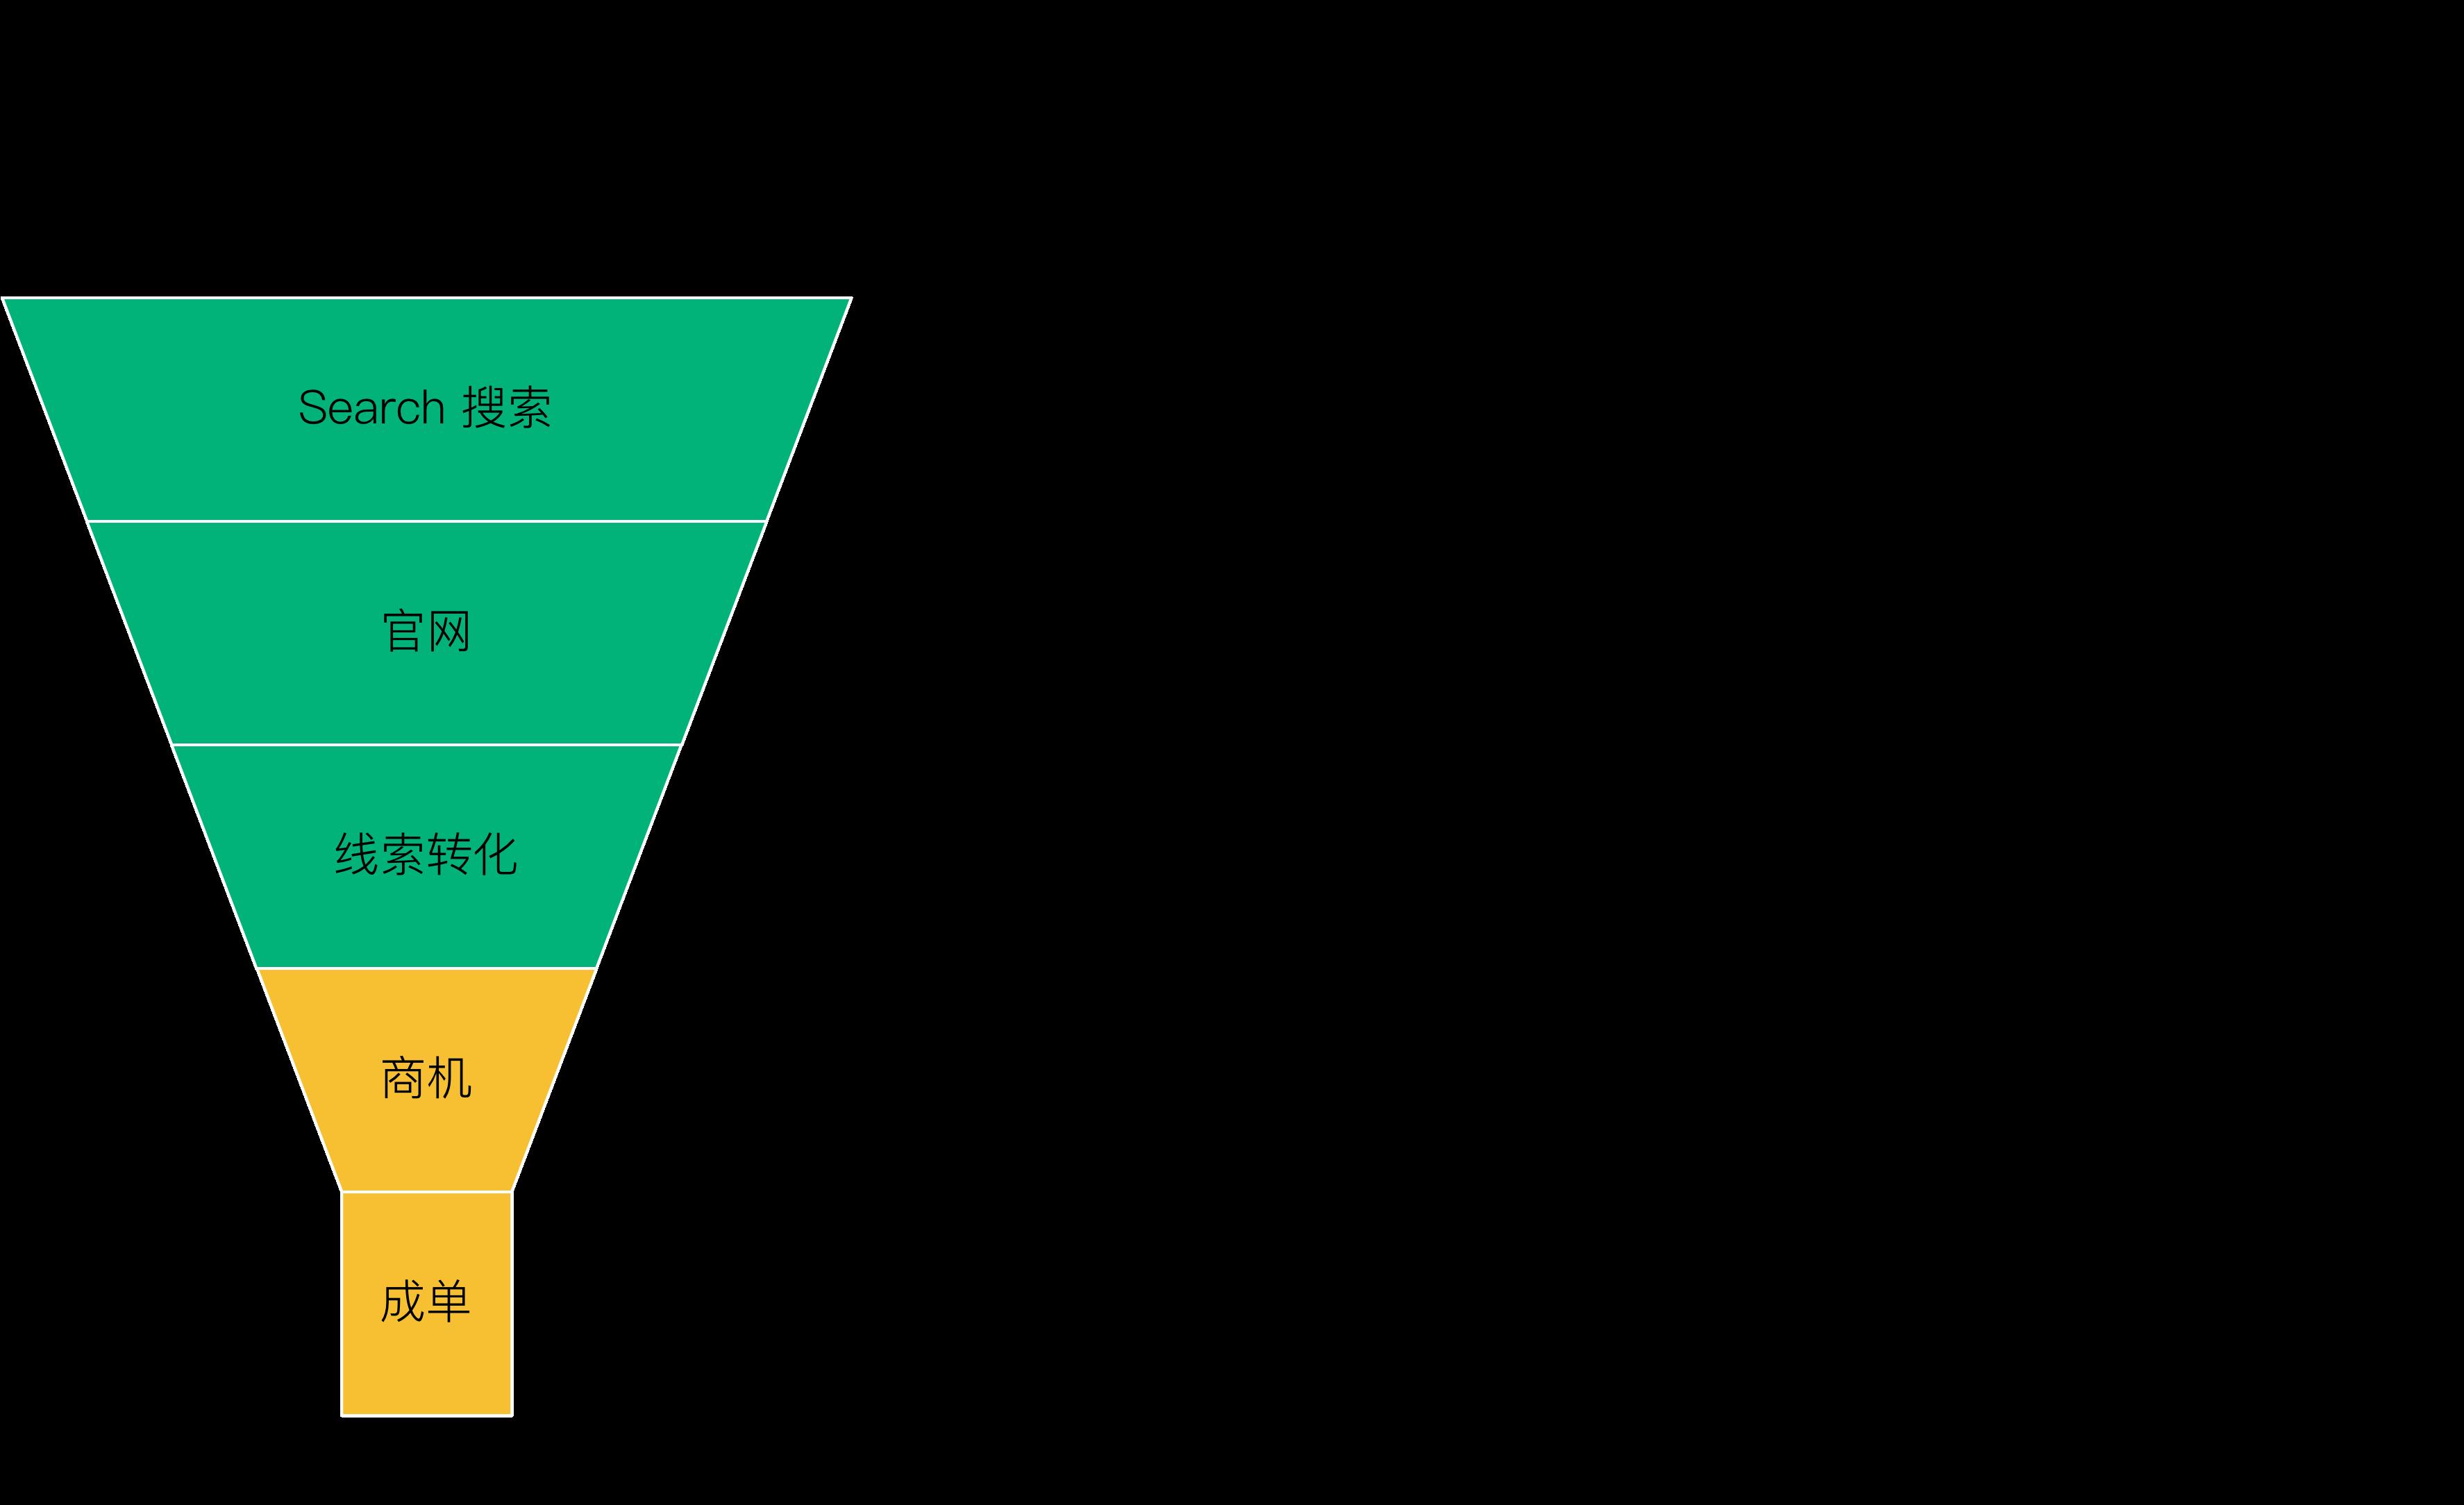 时间漏斗矢量图